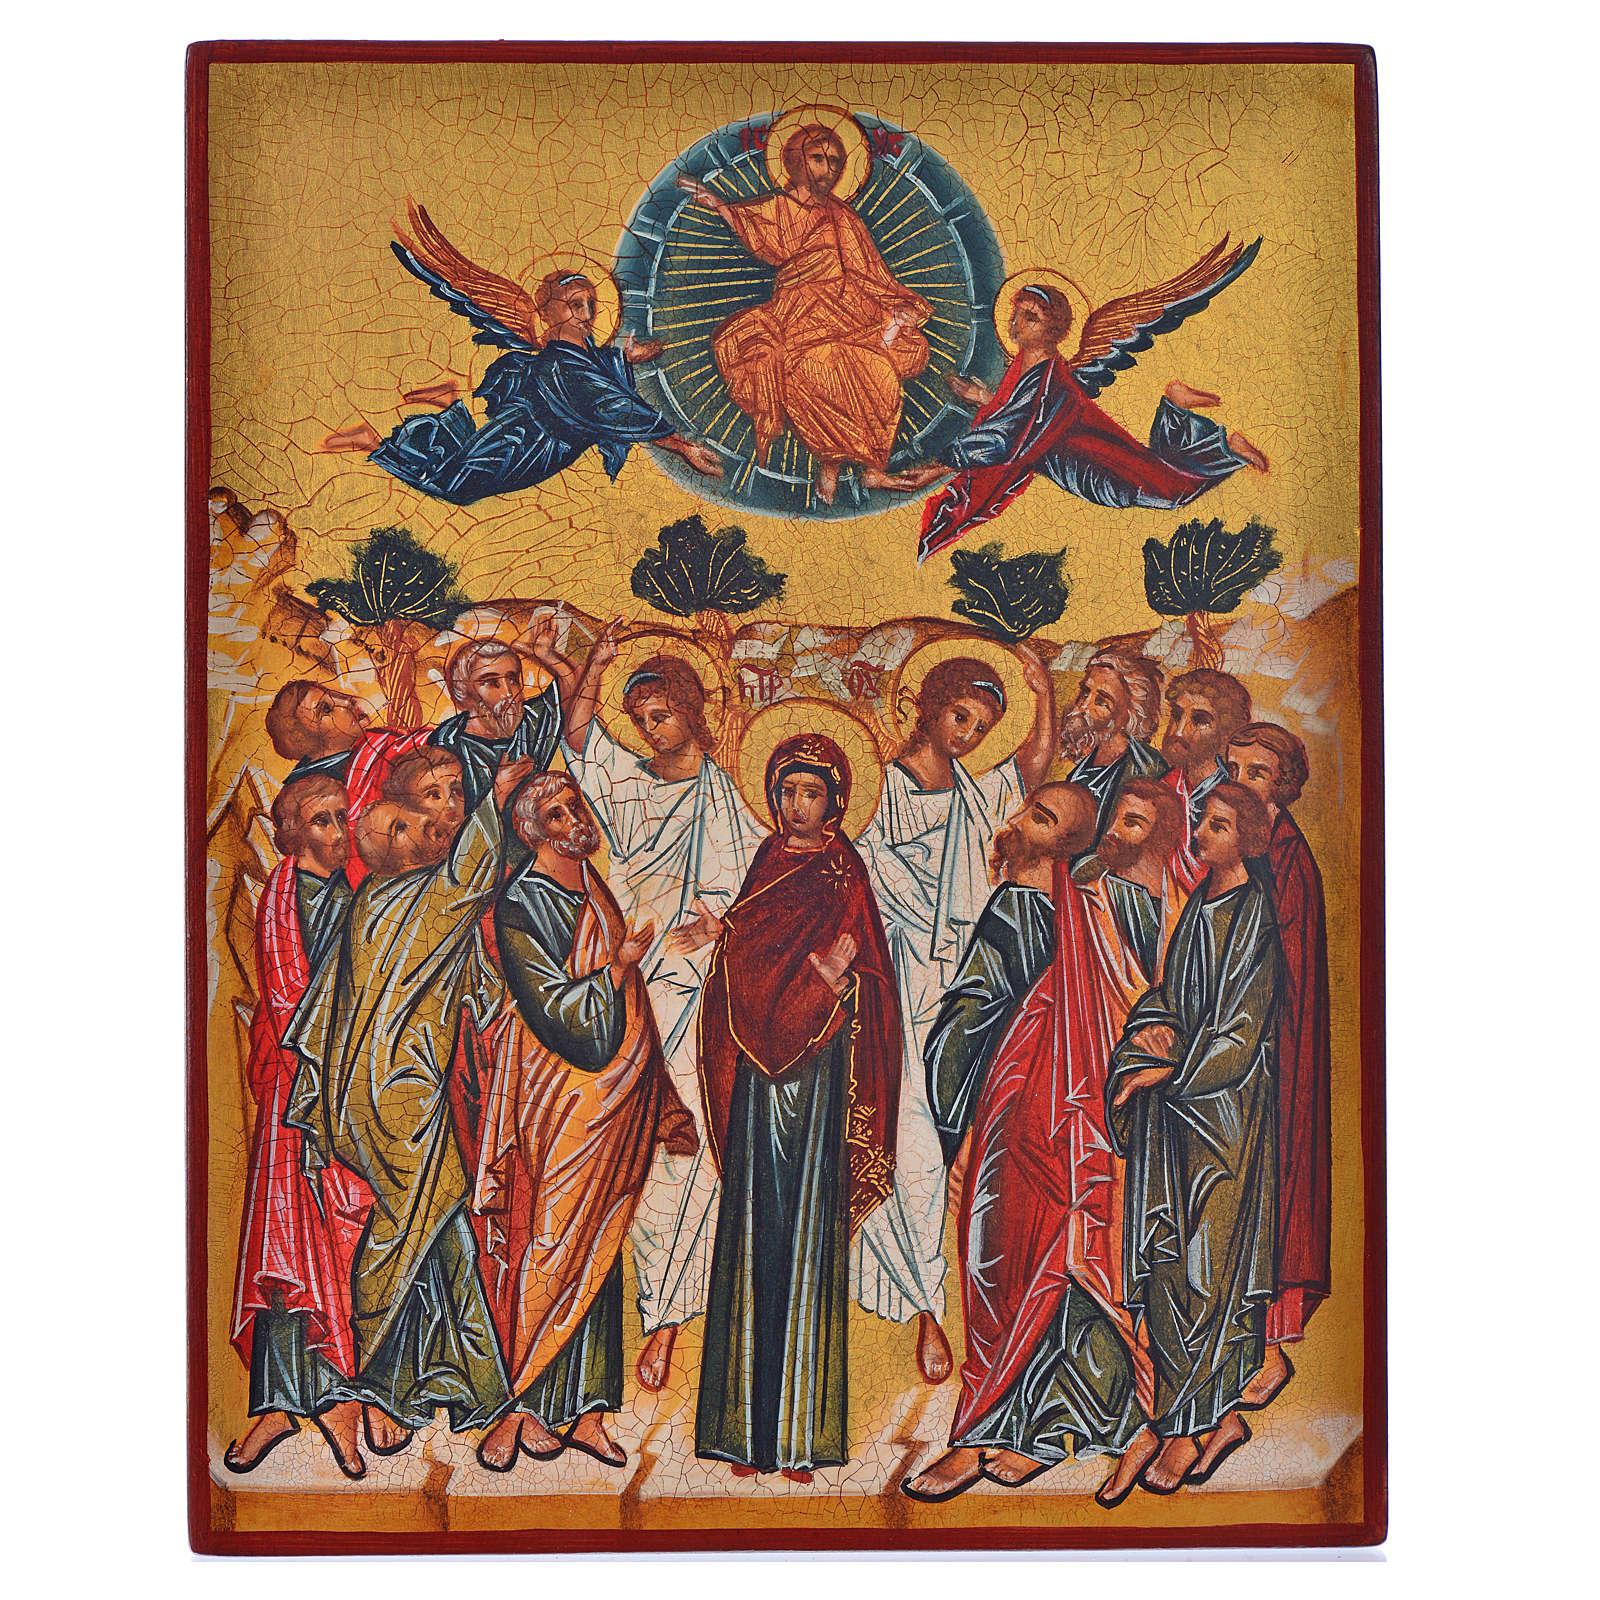 Icône russe peinte Assomption de Marie 14x11 cm 4